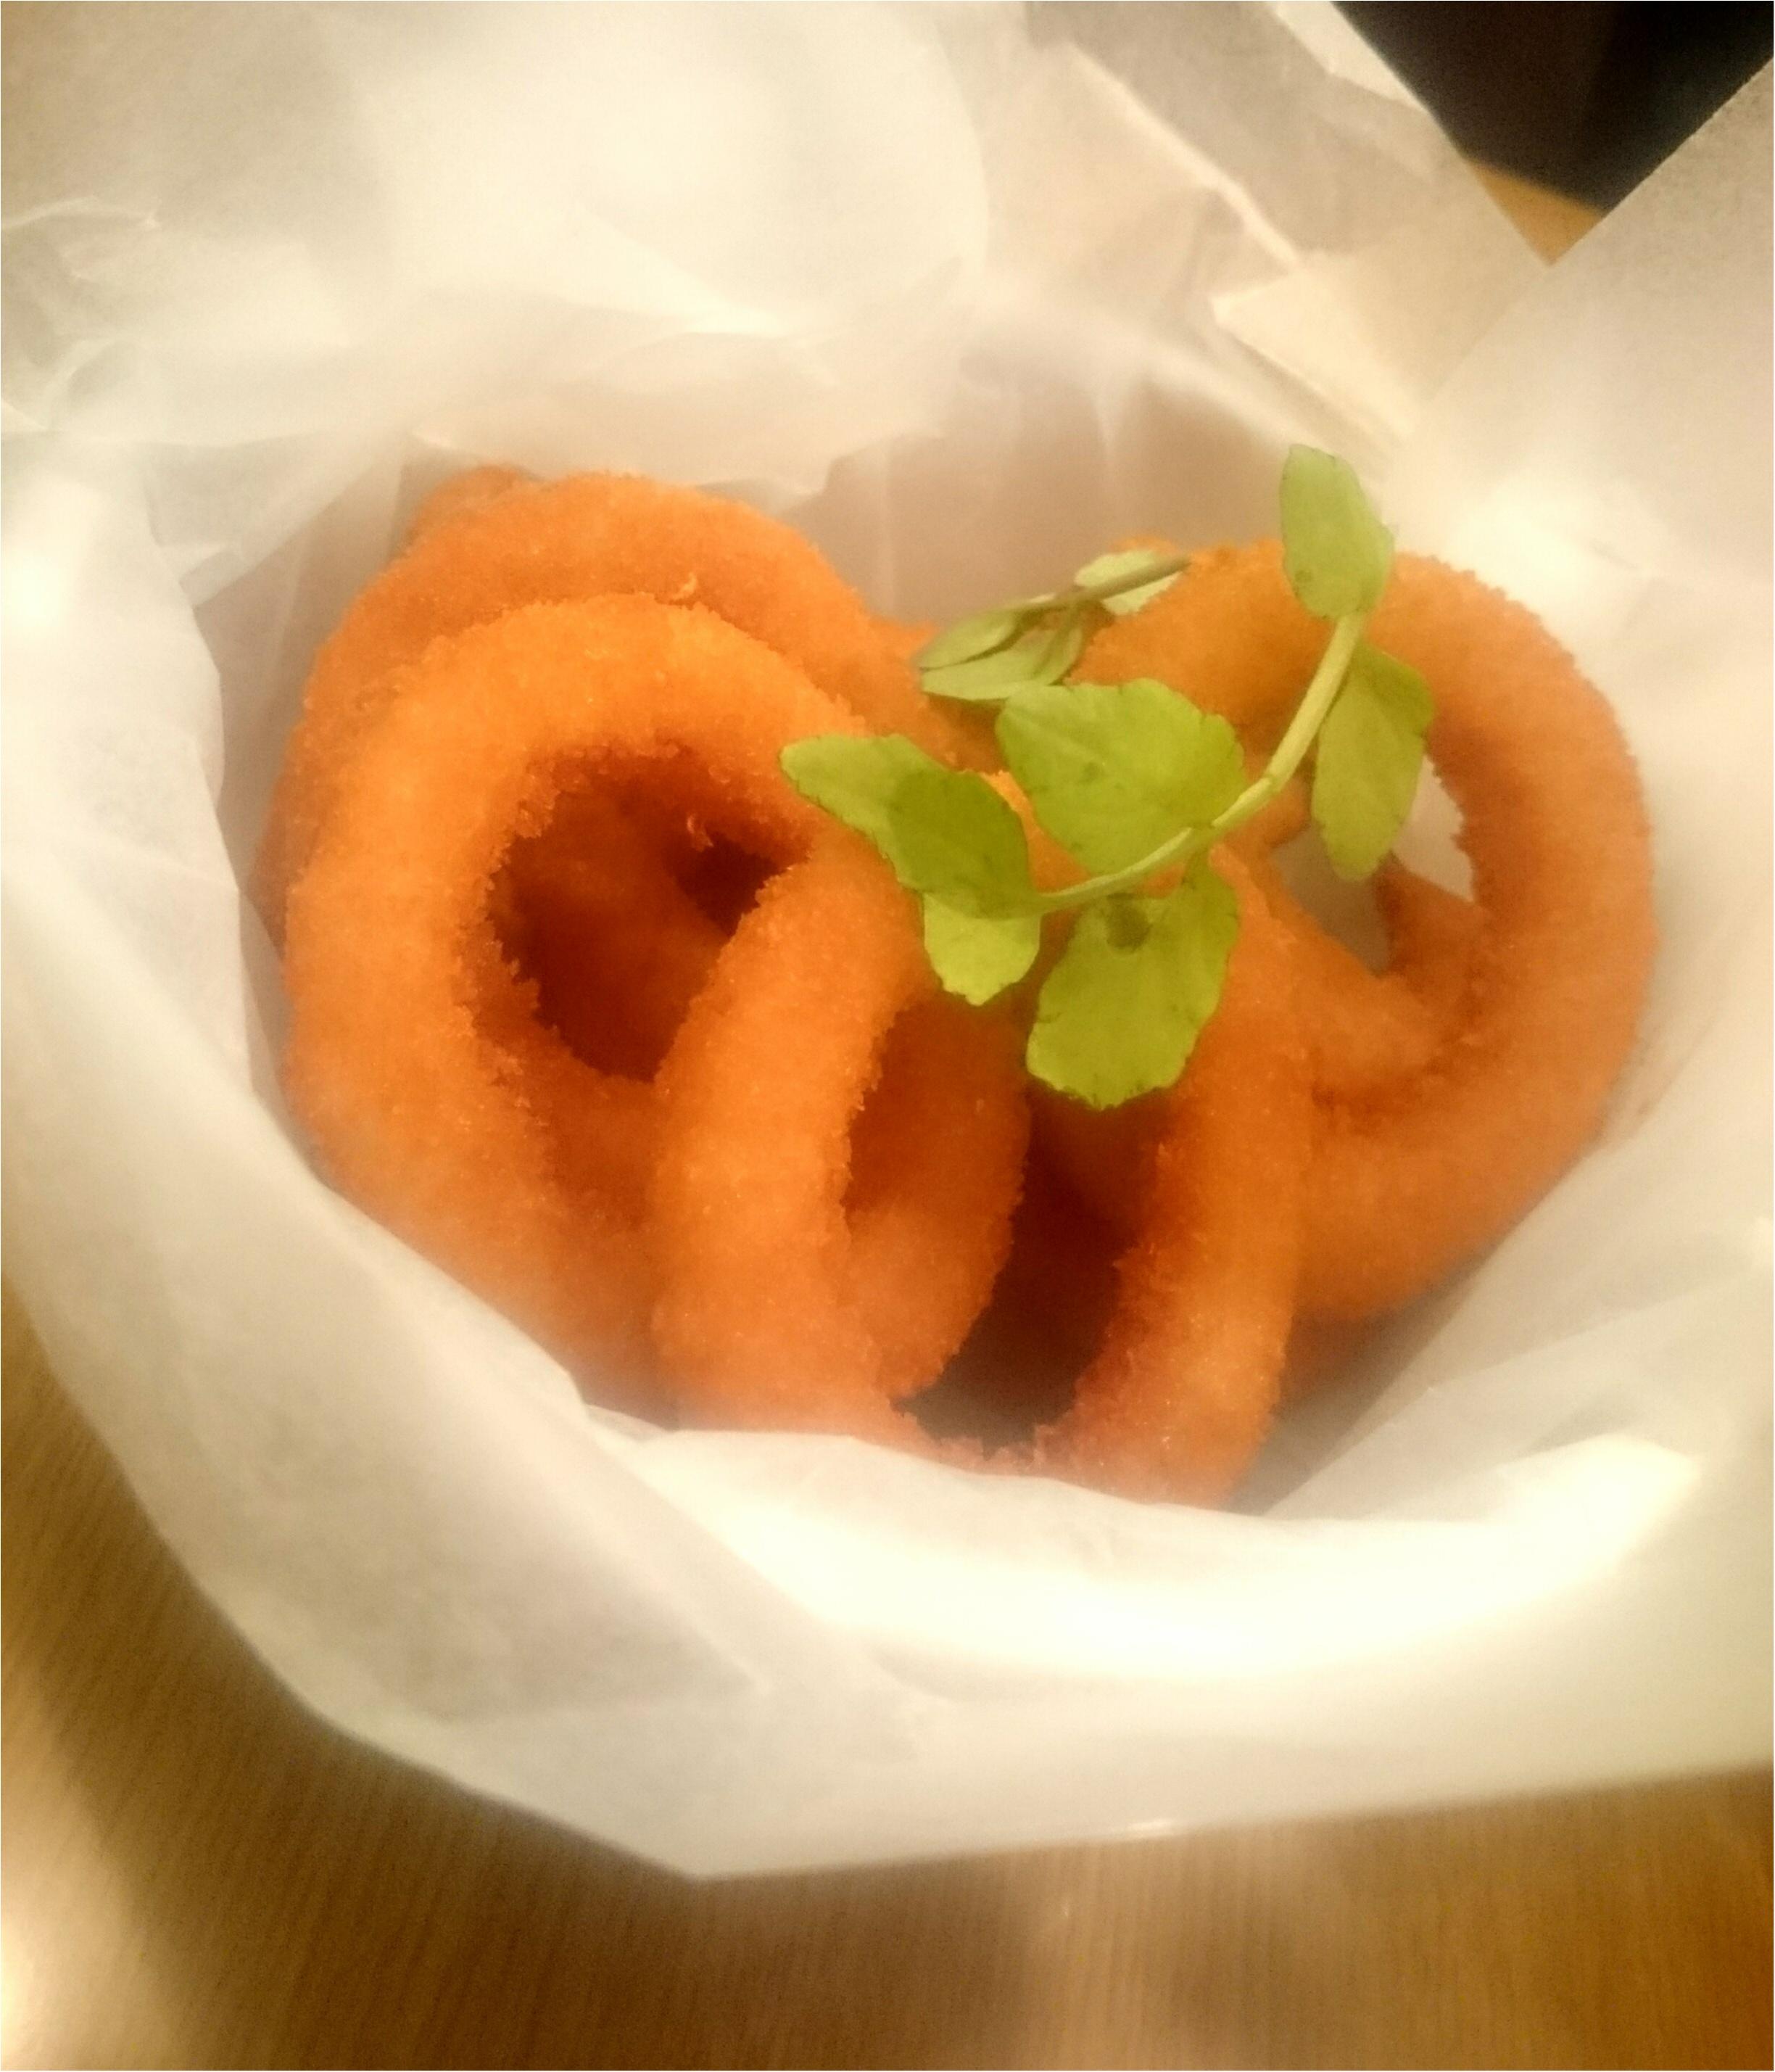 【WIRED CAFE】ボリュームたっぷりなごはんが食べれます!話題のフレンチトーストも!_5